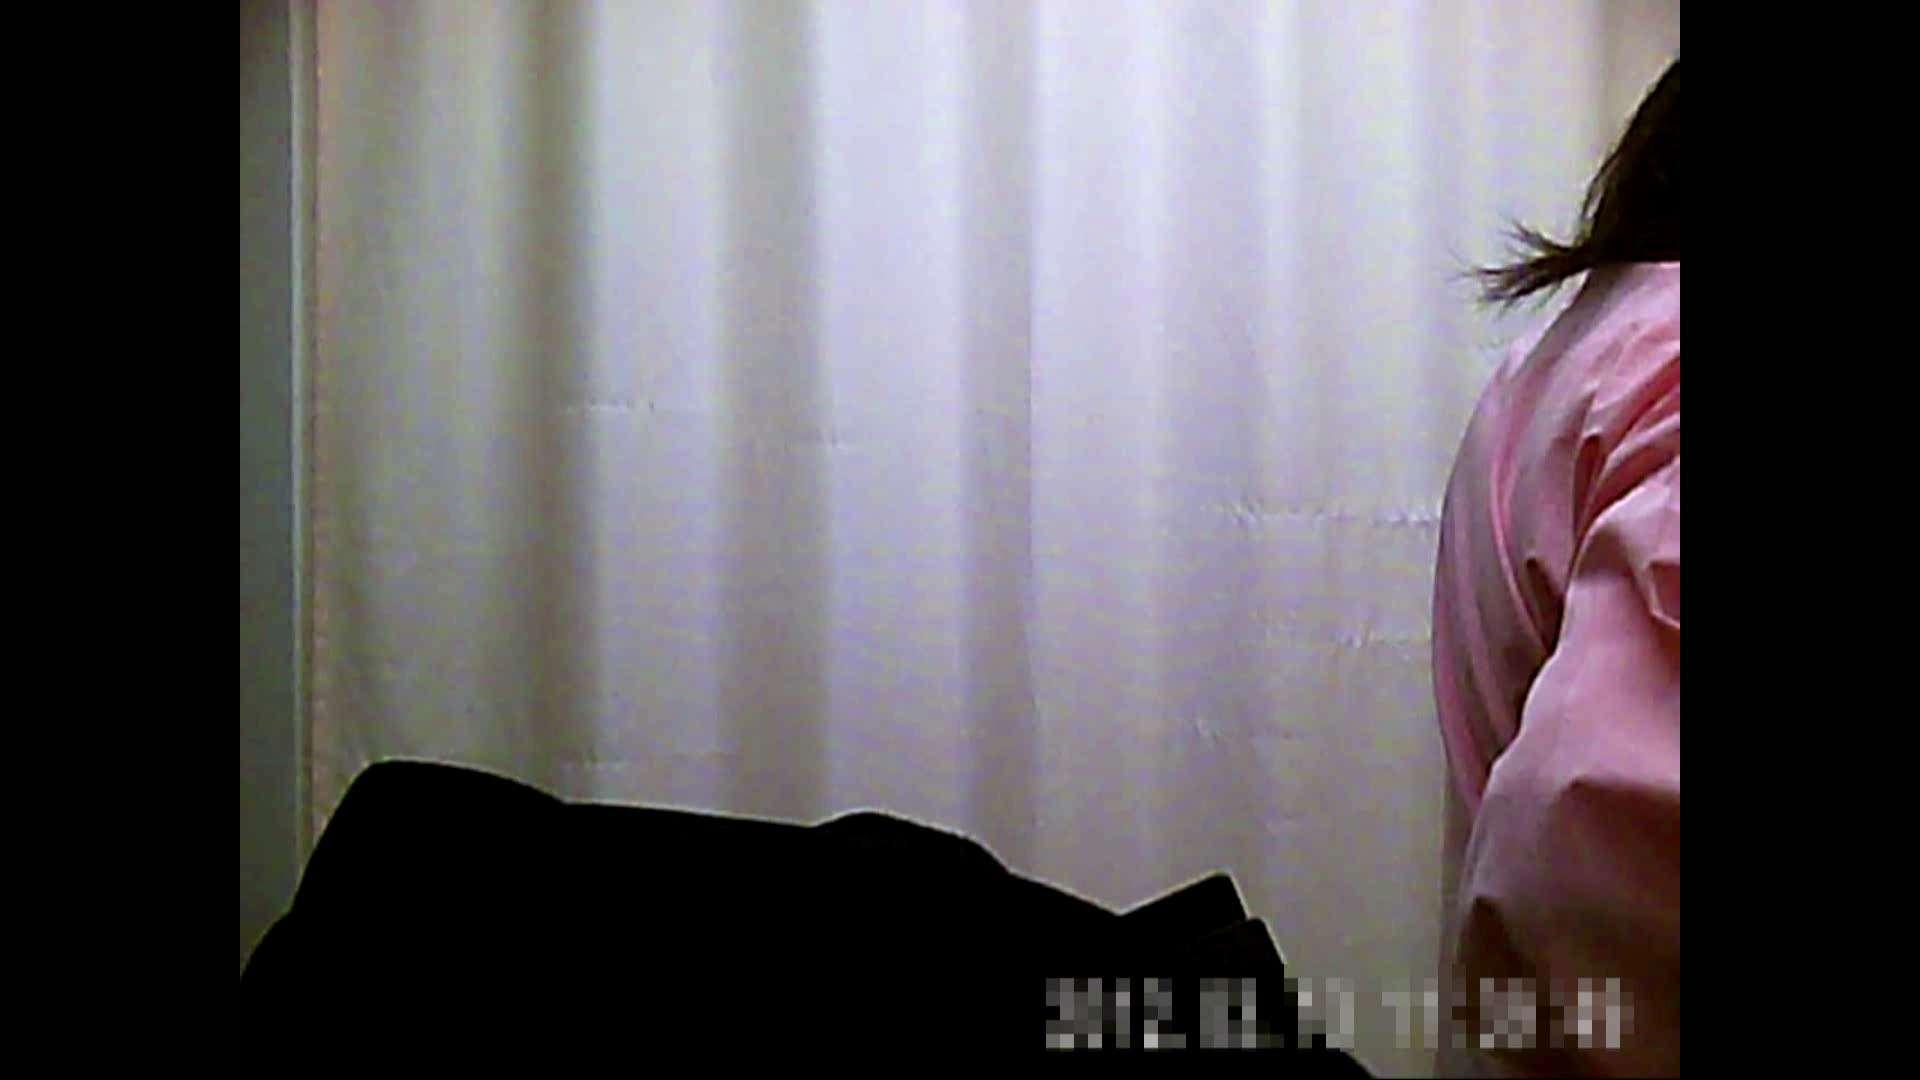 病院おもいっきり着替え! vol.268 着替え 盗撮AV動画キャプチャ 52画像 39